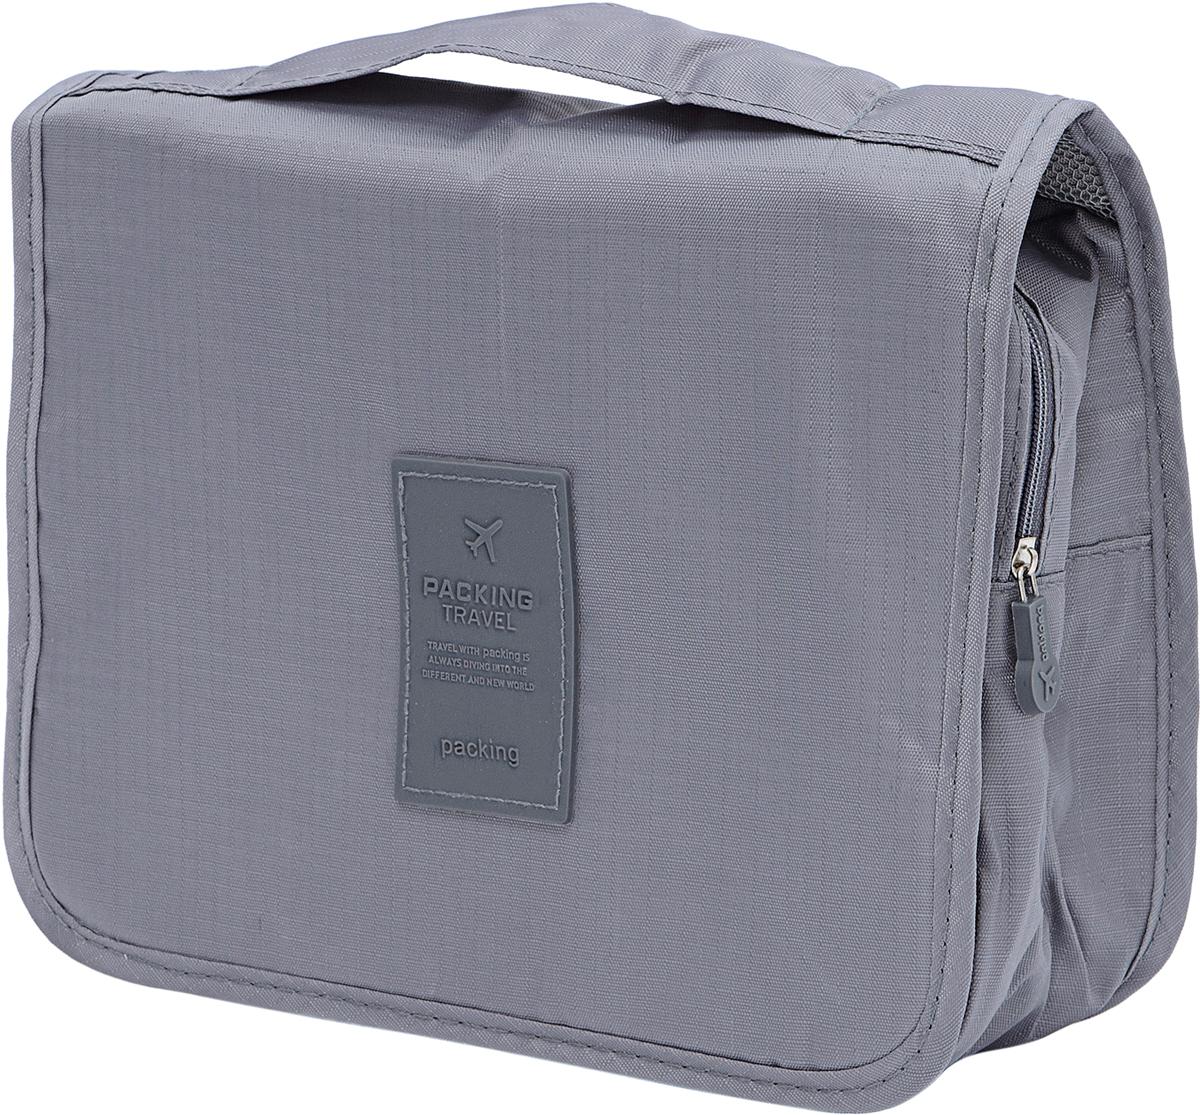 Органайзер для хранения одежды Homsu Basic, универсальный, подвесной, 24 х 18,5 х 9,5 см органайзер для хранения шарфов и мелочей homsu bora bora подвесной 20 х 80 см